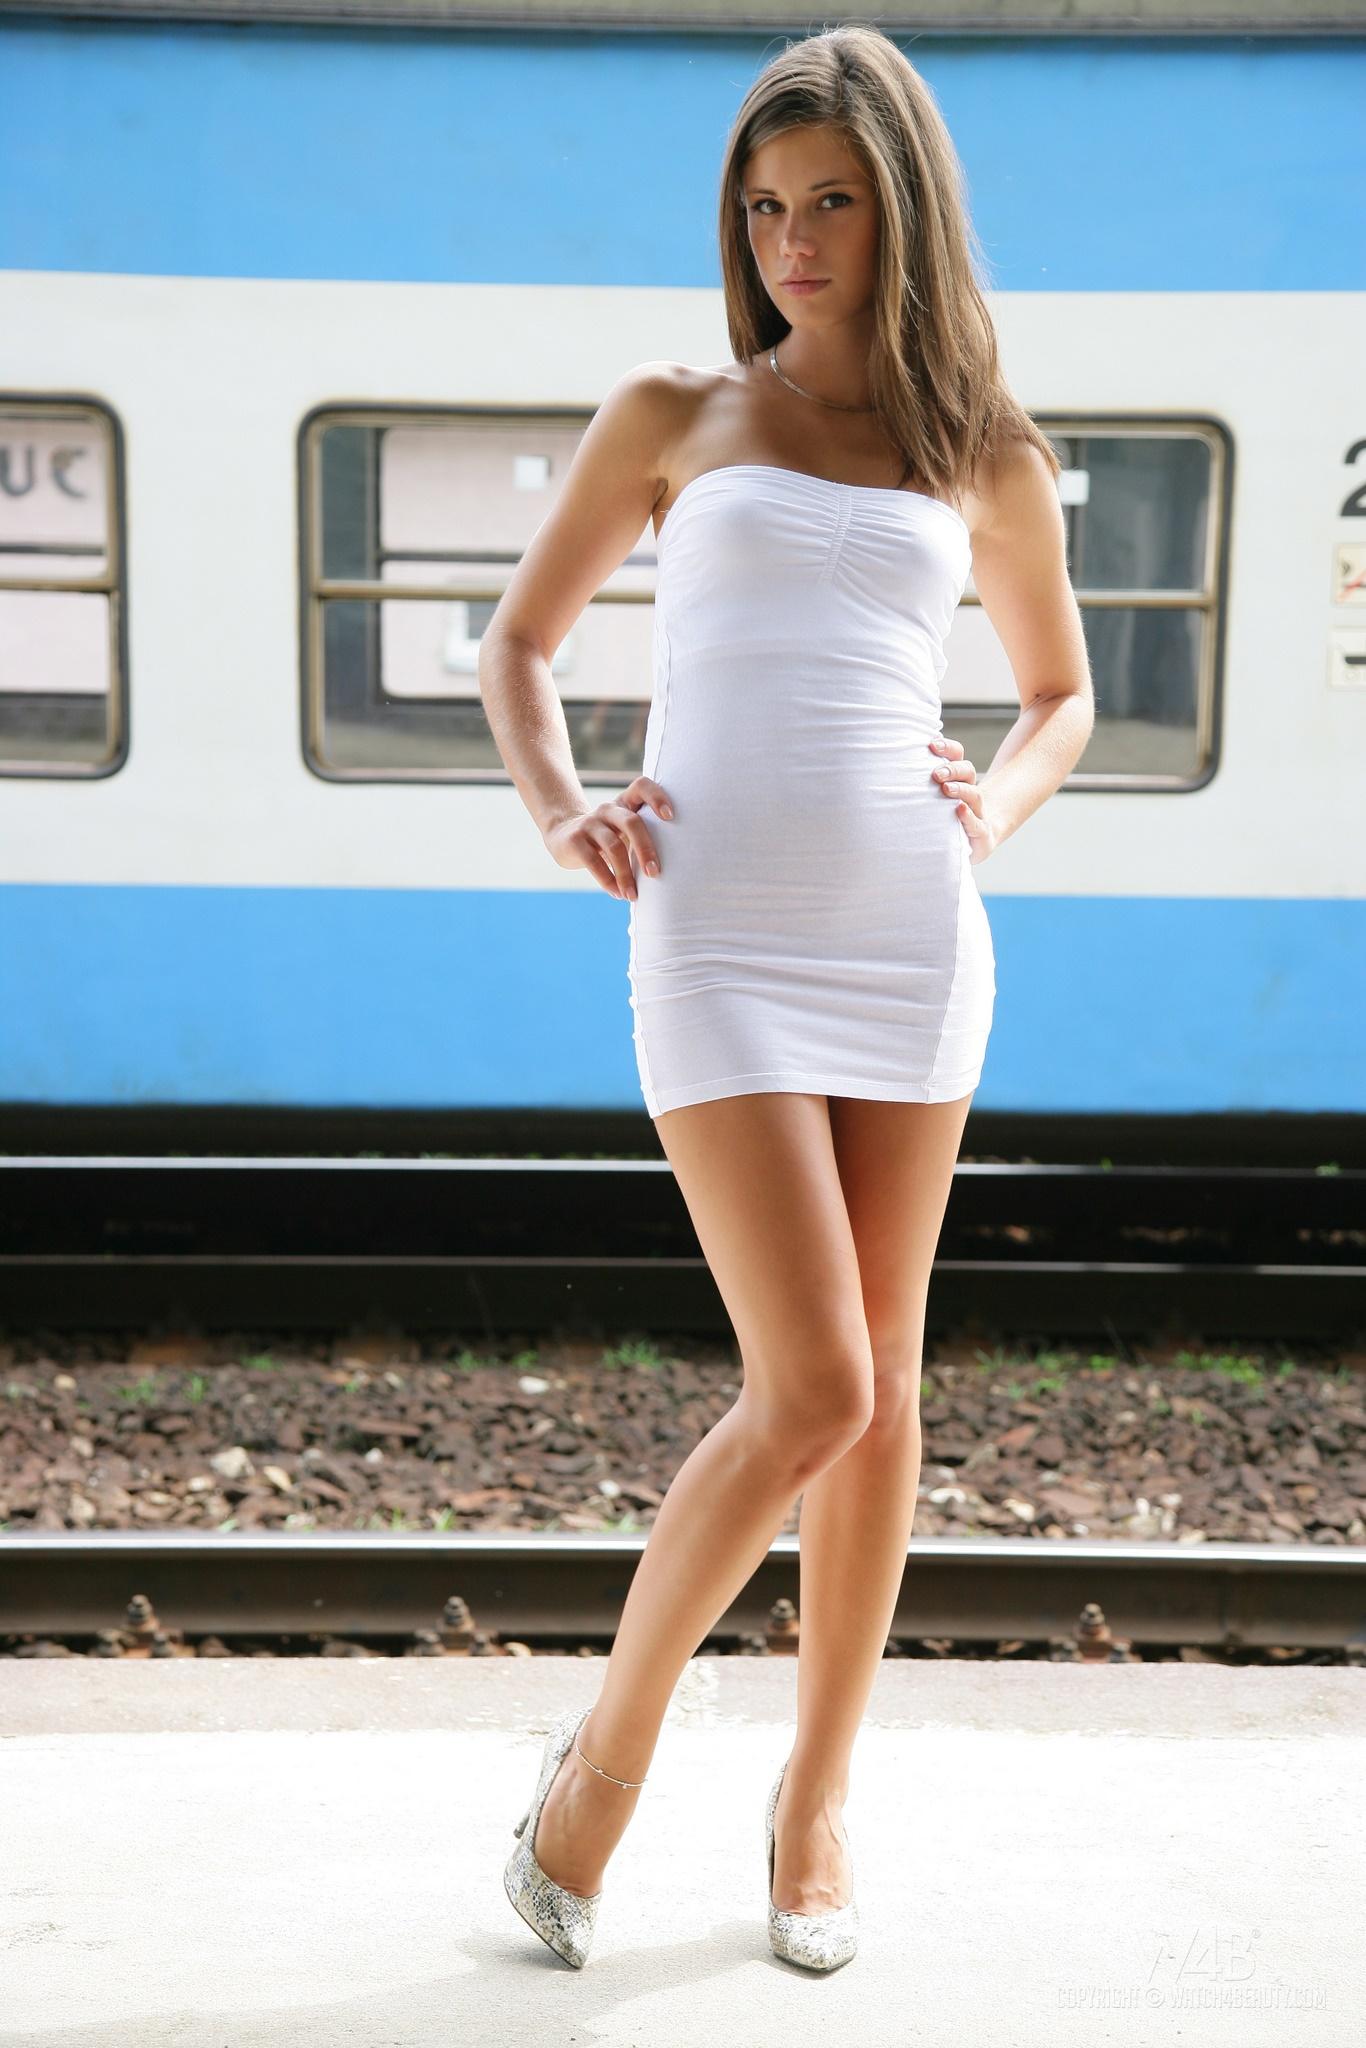 Платье обтягивающее: эффектное и соблазнительное